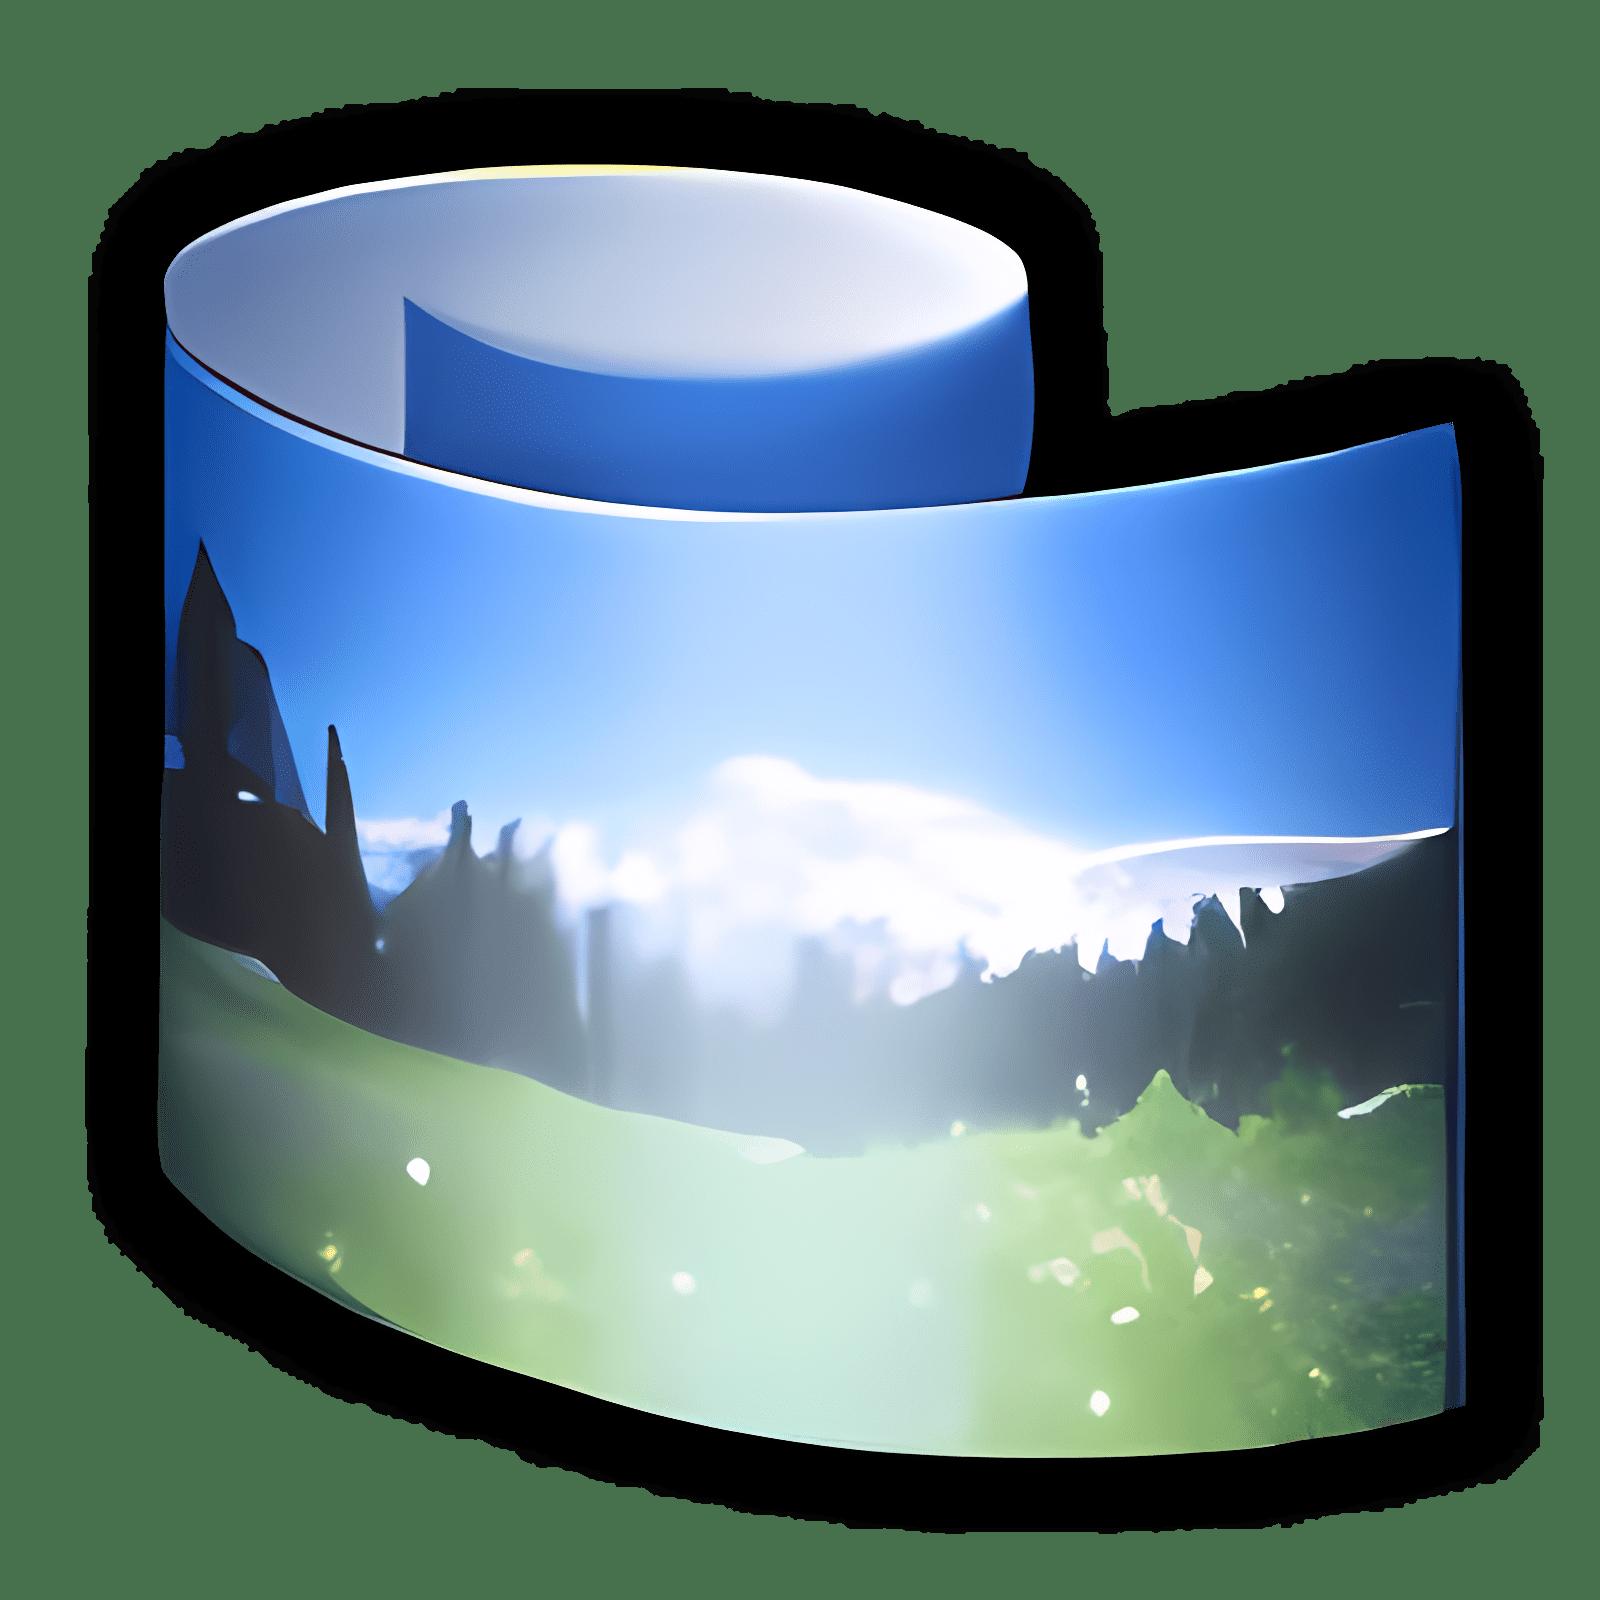 Arcsoft Panorama Maker 7.0.10105 Pro